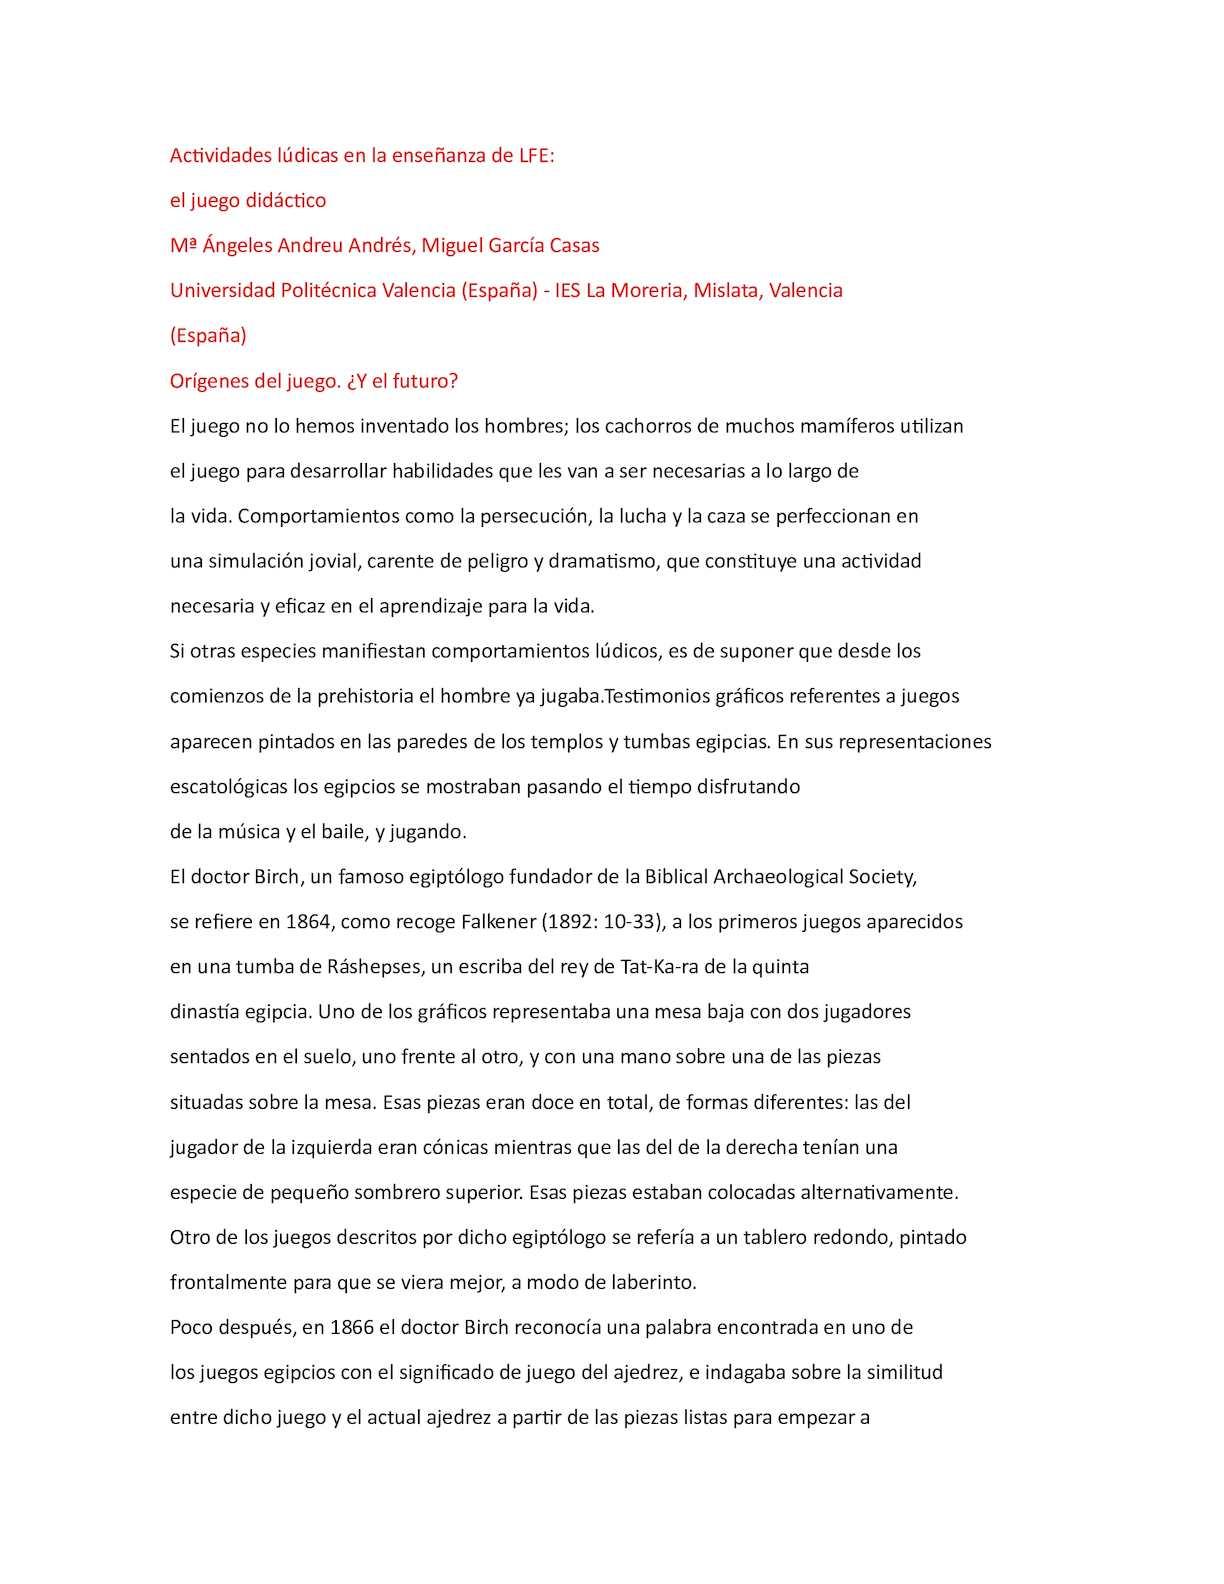 Calameo Actividades Ludicas En La Ensenanza De Lfe